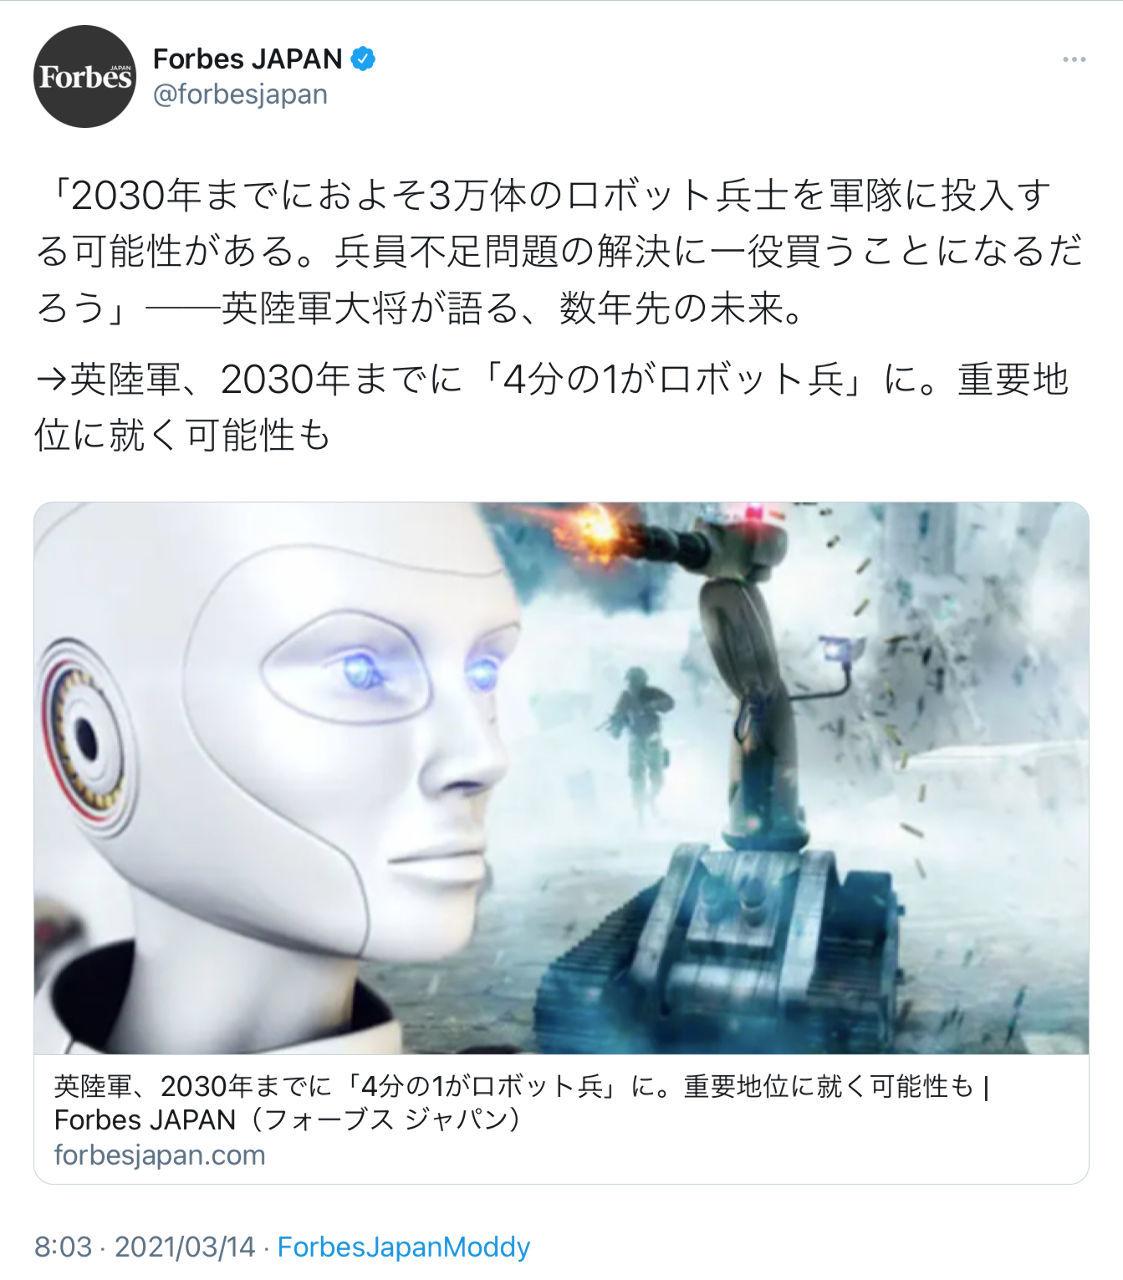 くるみぱん3 メモ  「2030年までにおよそ3万体のロボット兵士を軍隊に投入する可能性がある。兵員不足問題の解決